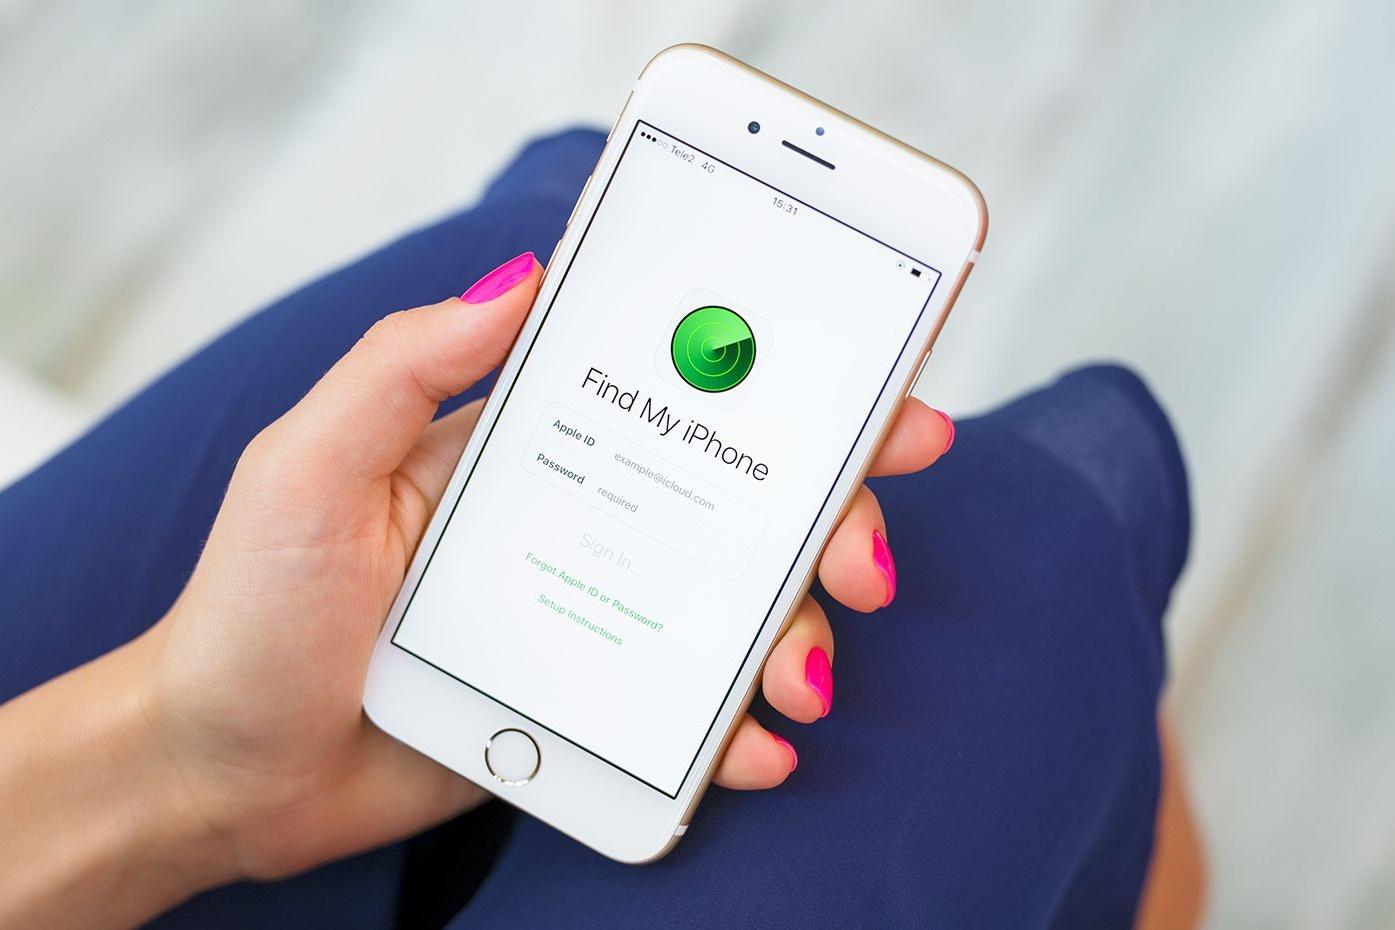 Imagem de Conheça o esquema internacional que desbloqueia e revende iPhones roubados no tecmundo